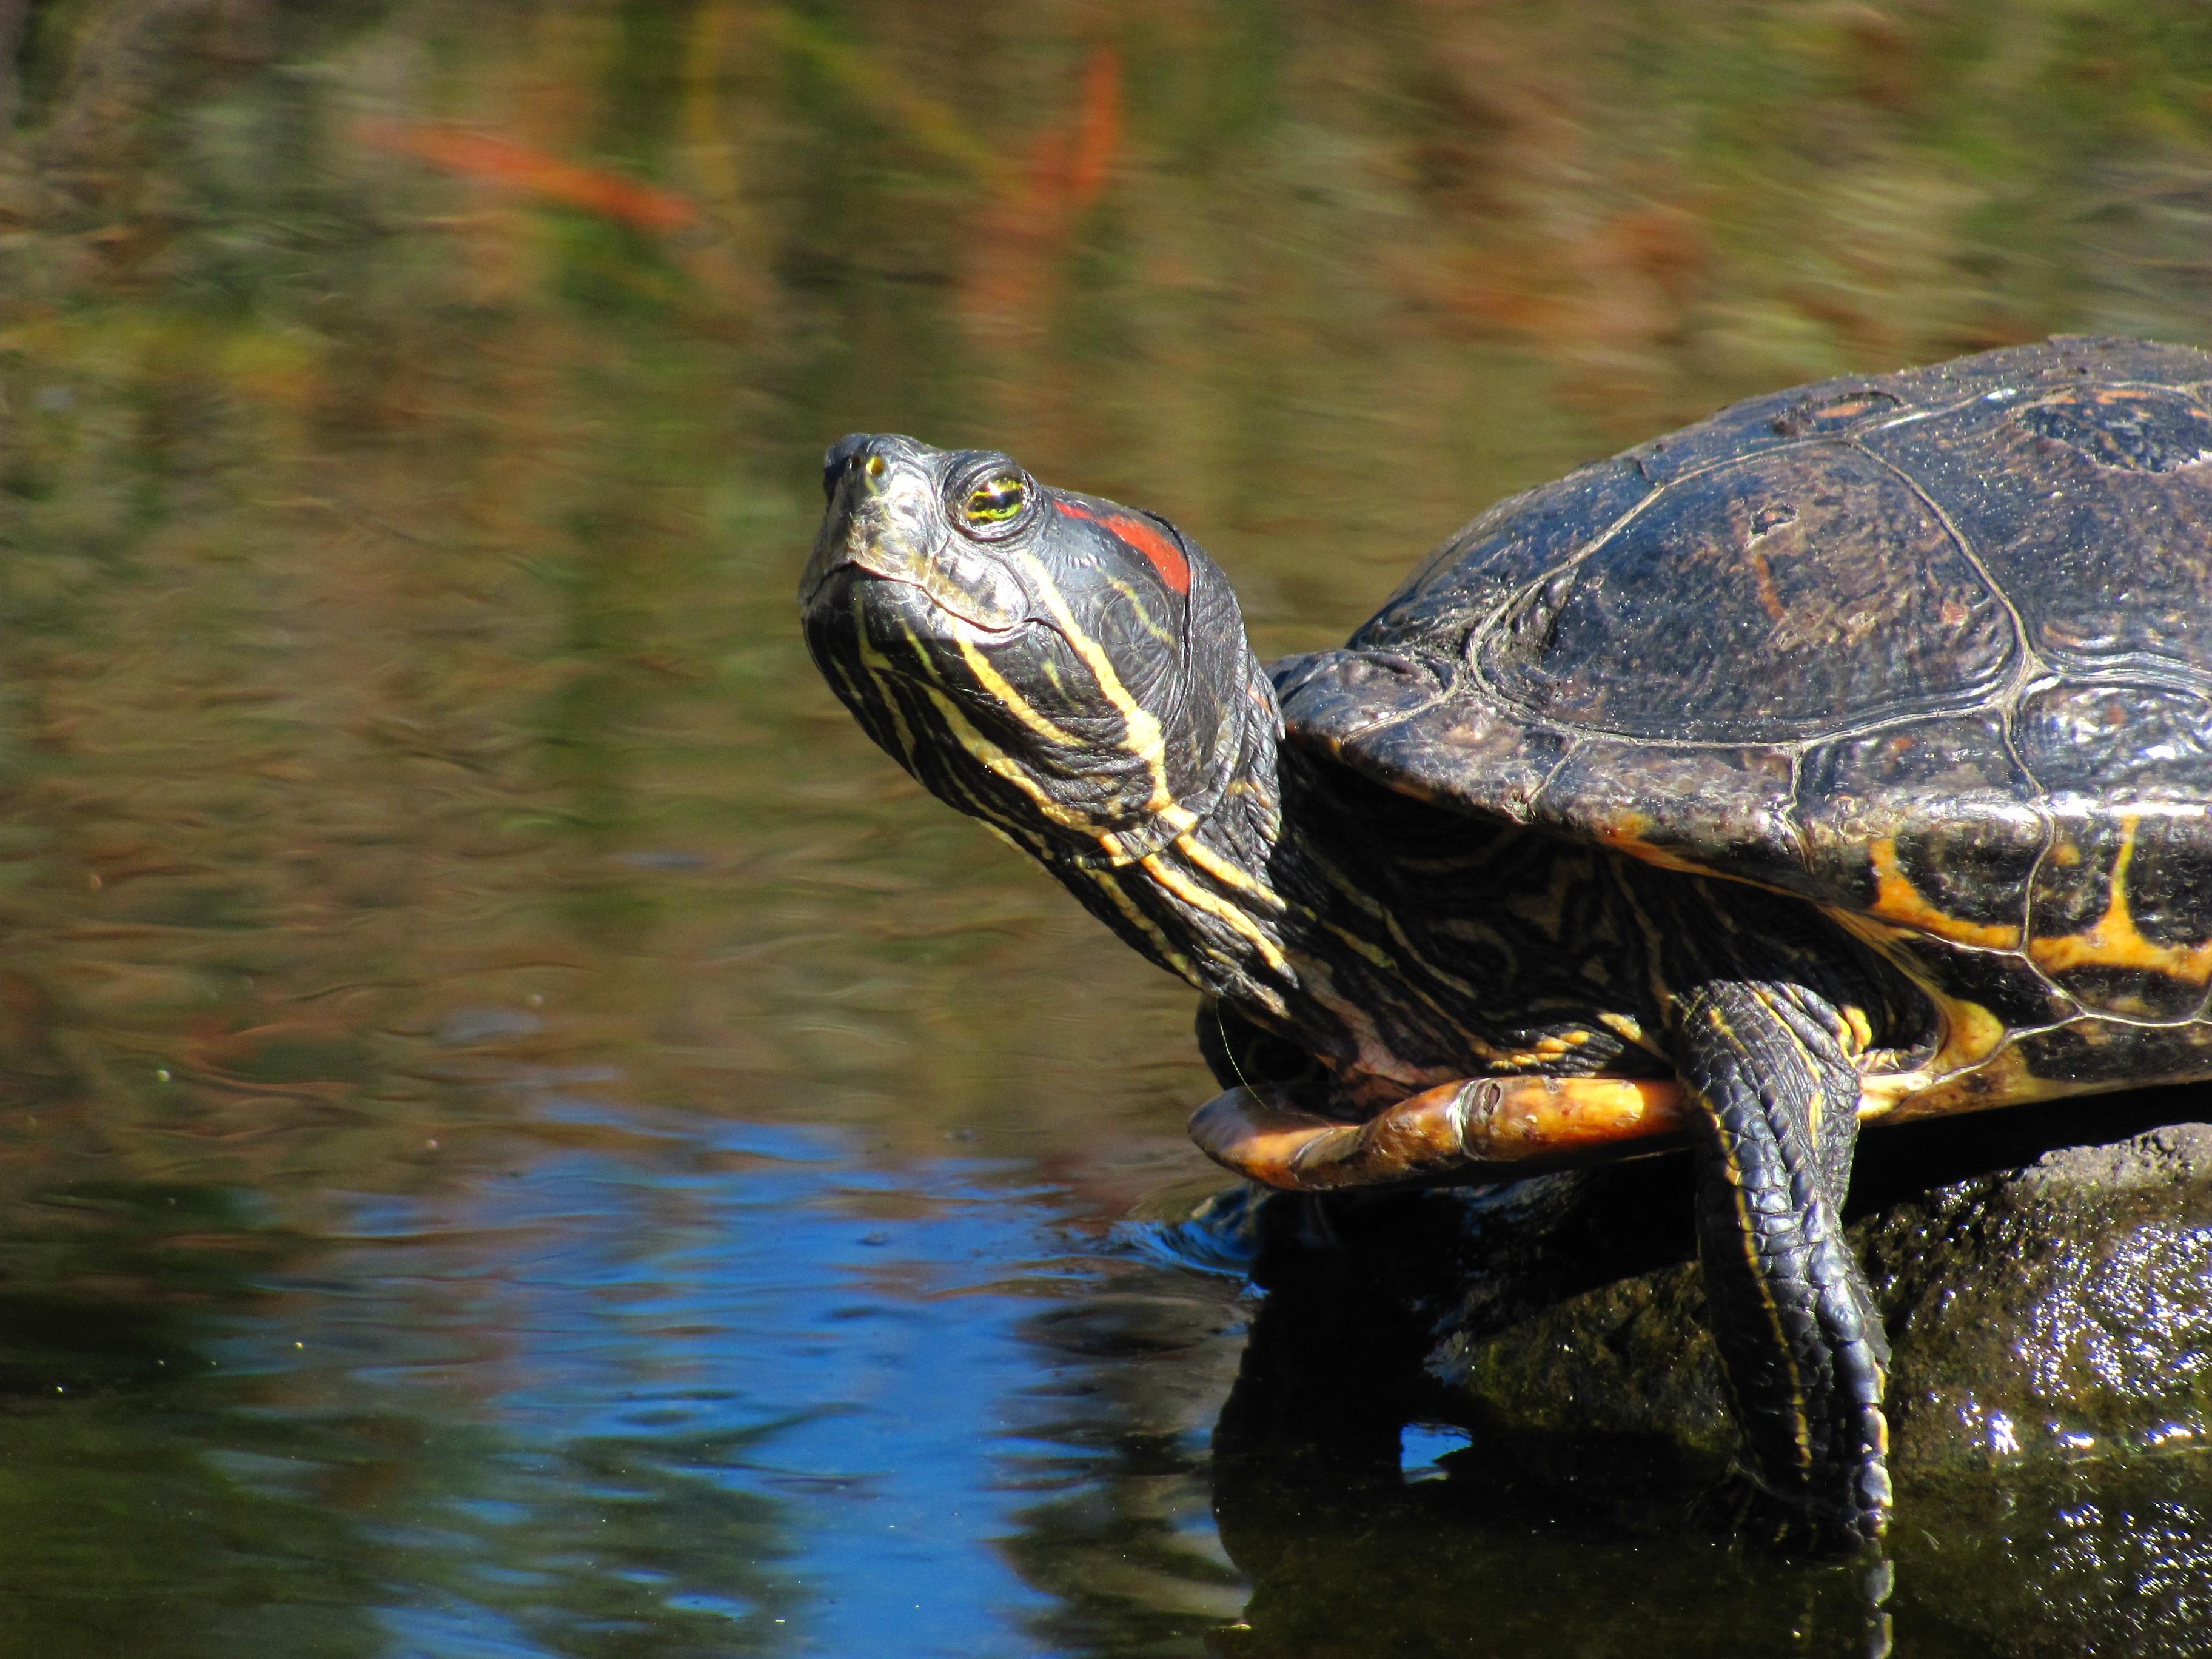 временем водная черепаха картинки этом разделе